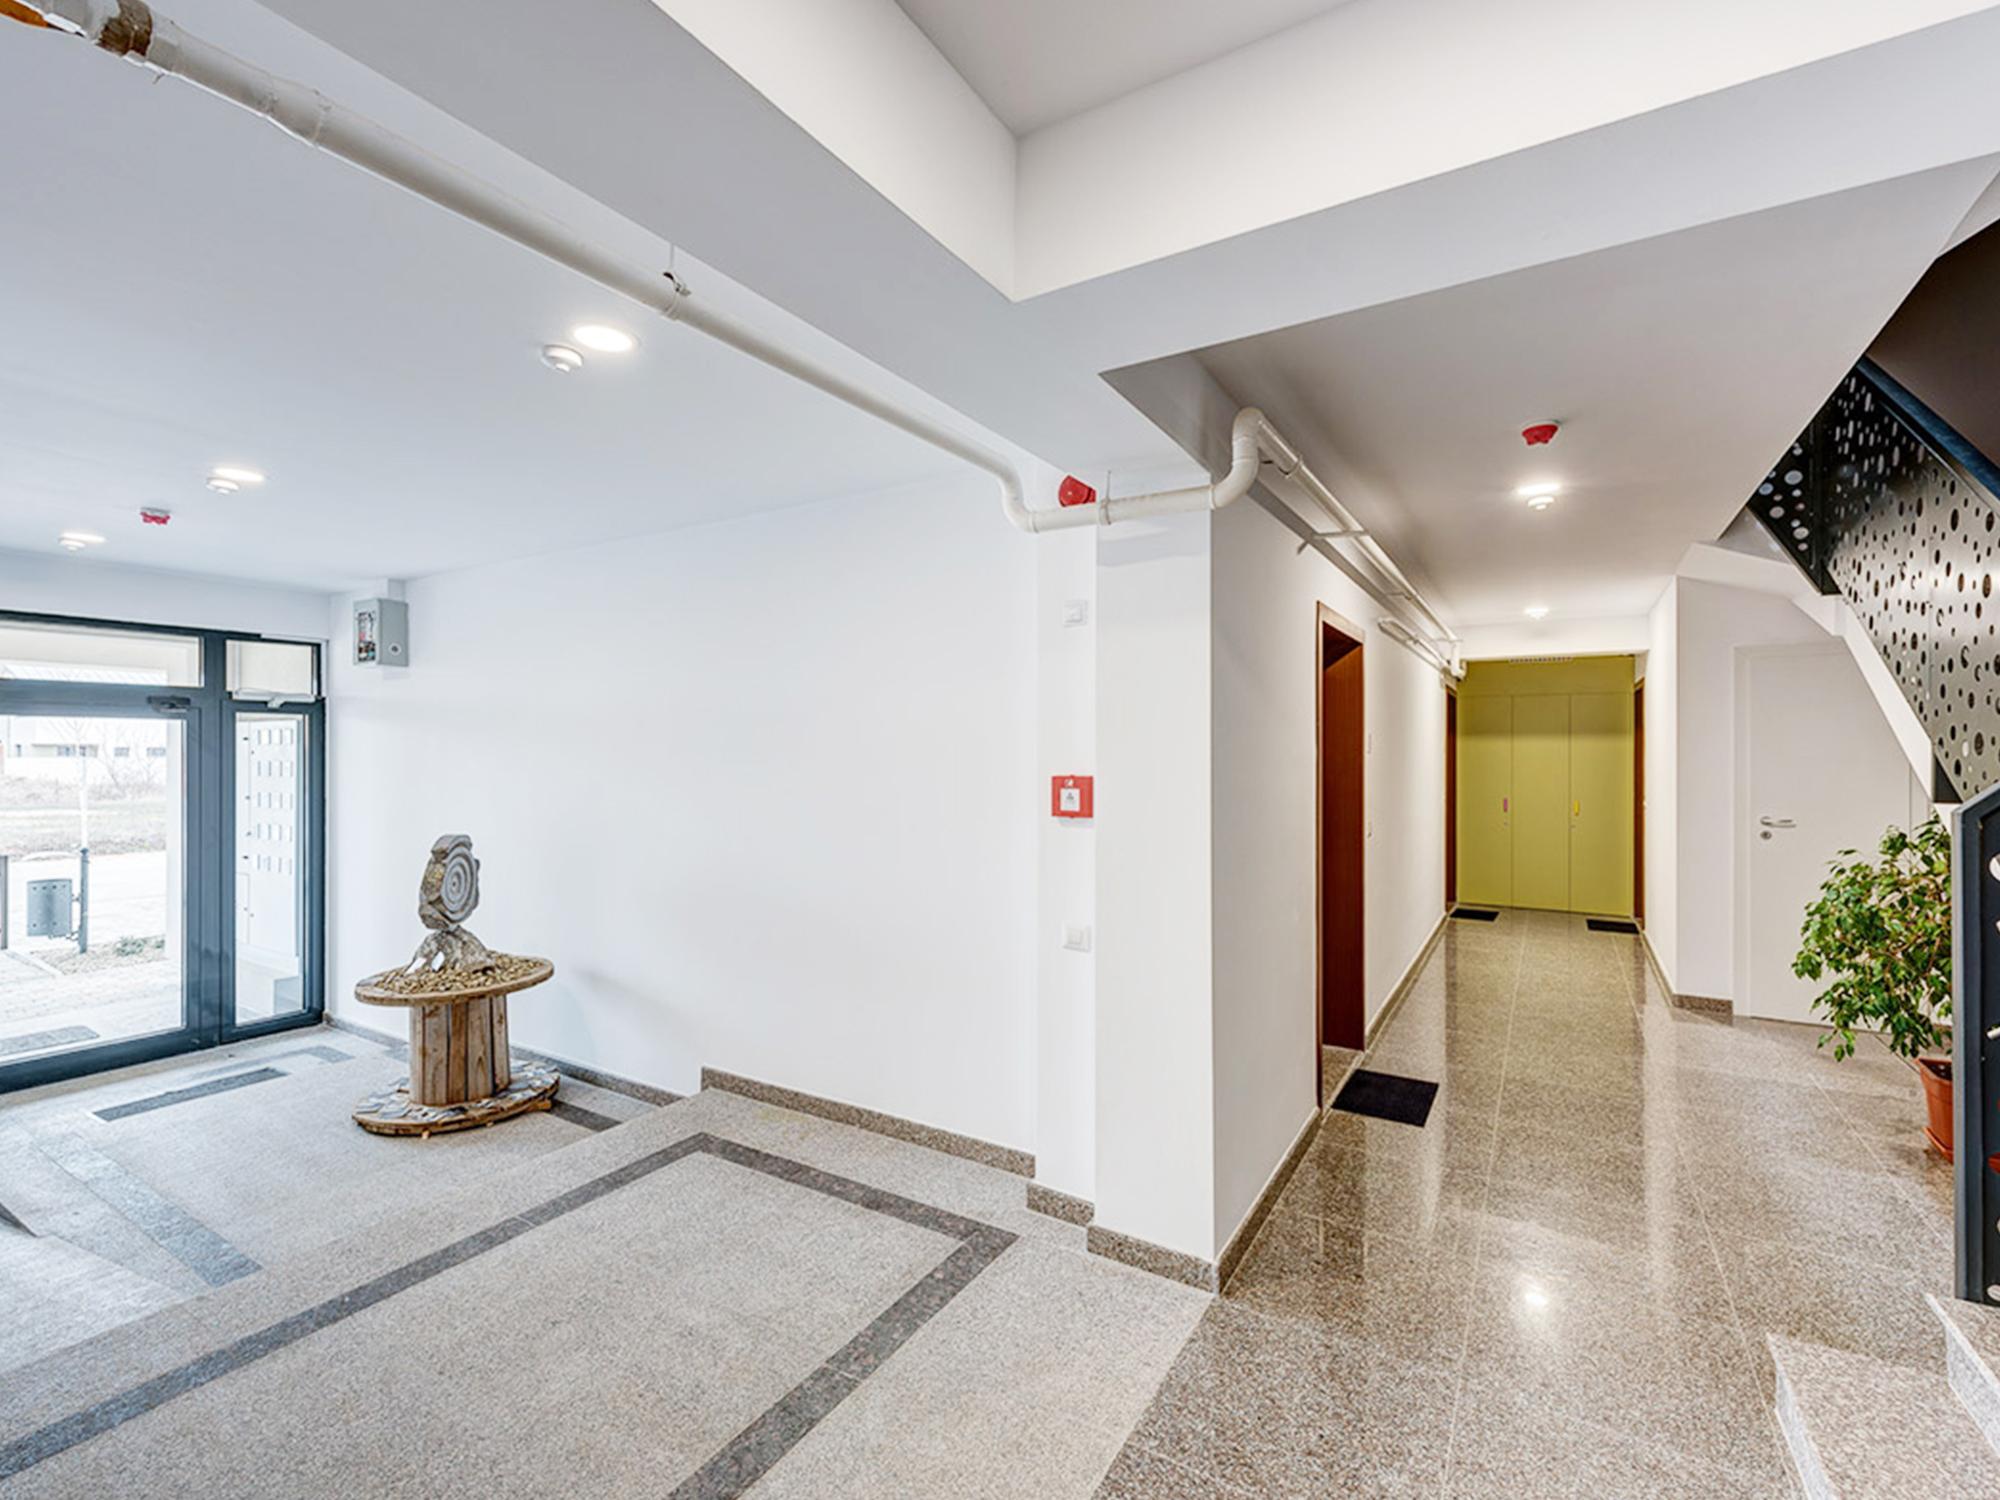 Apartamente-Faza-2-LaRa-Condominium-4